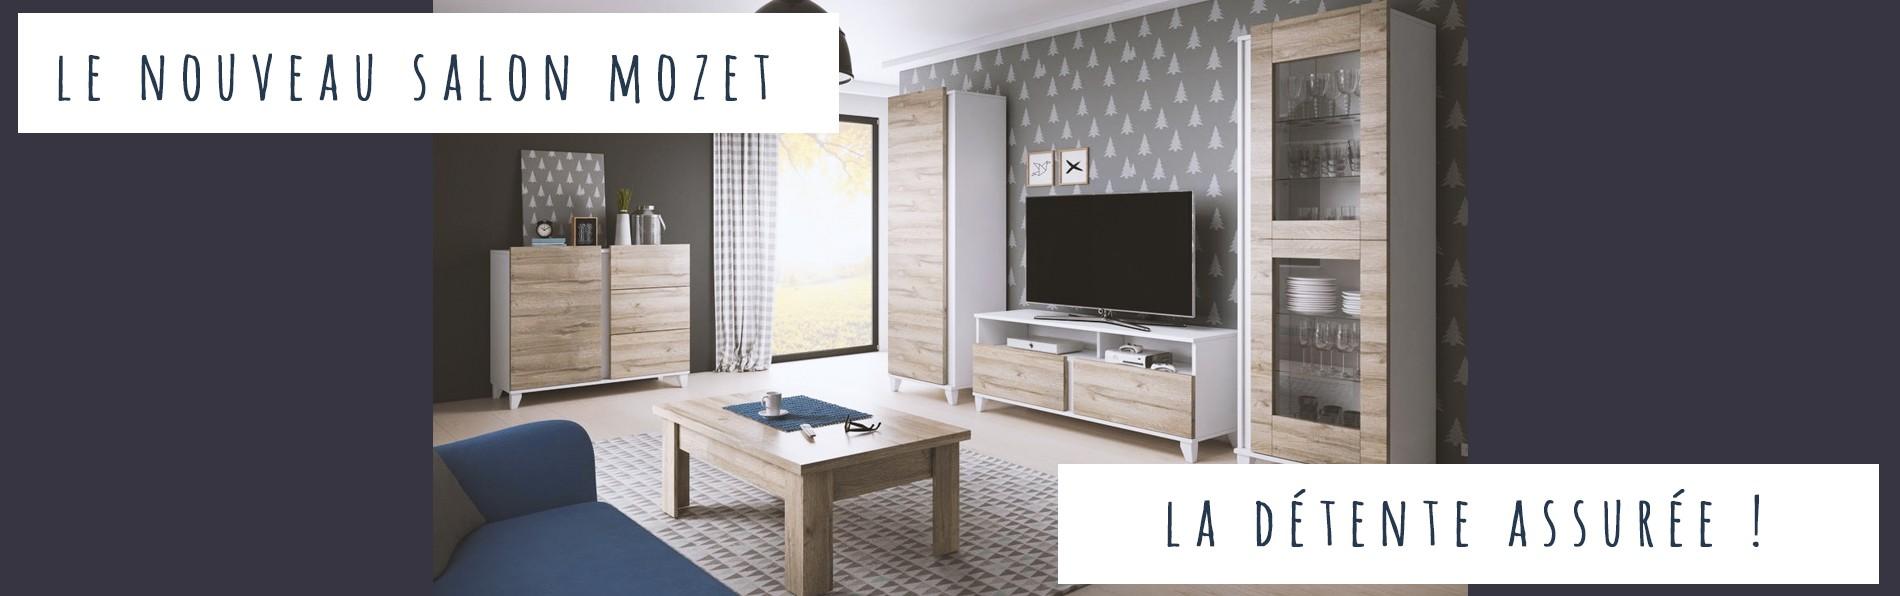 Nouveau salon / salle à manger MOZET